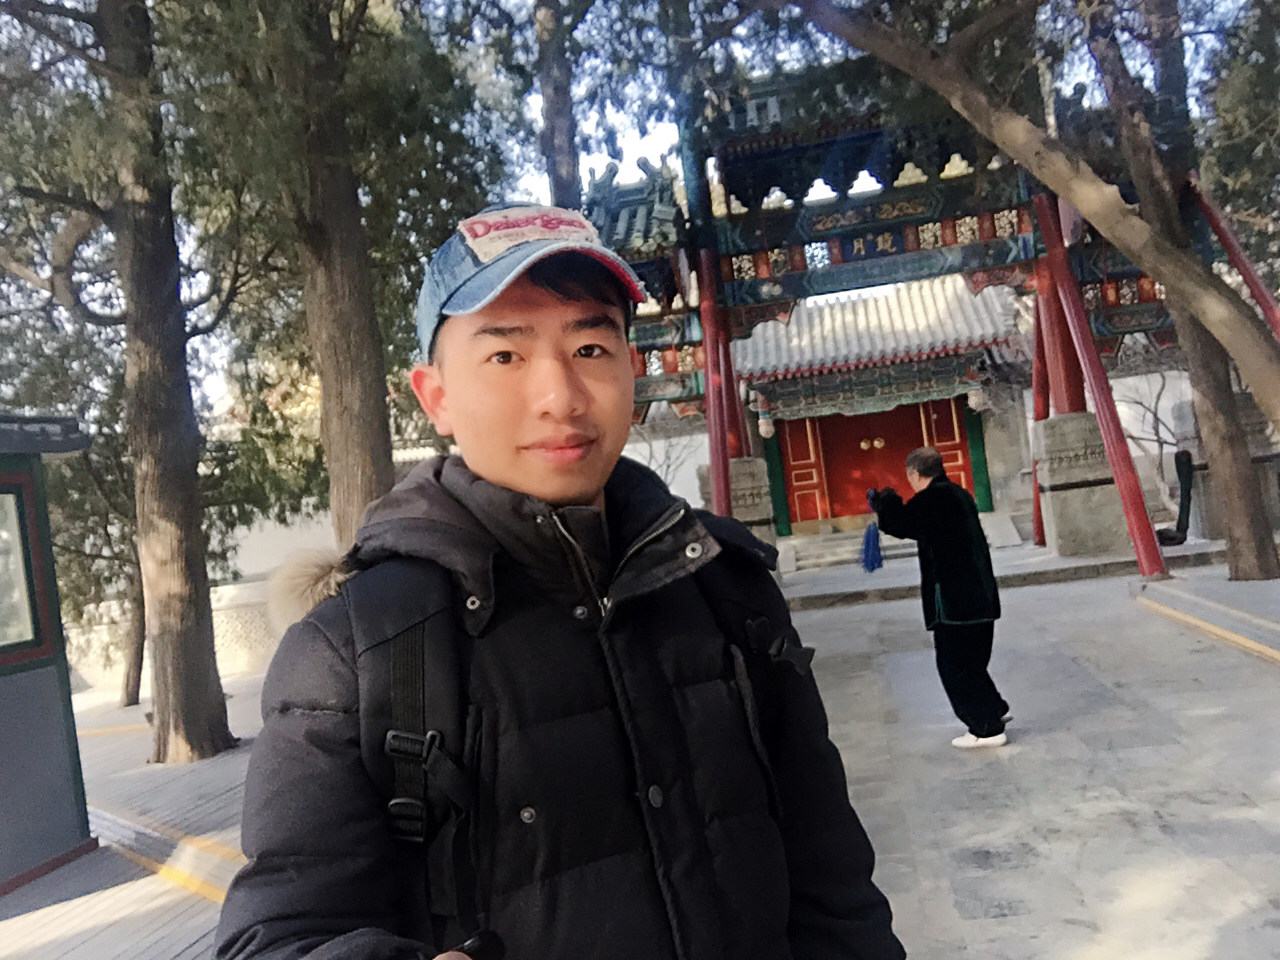 Phỏng vấn Hồ Đức Việt – Lưu học sinh tại Bắc Kinh